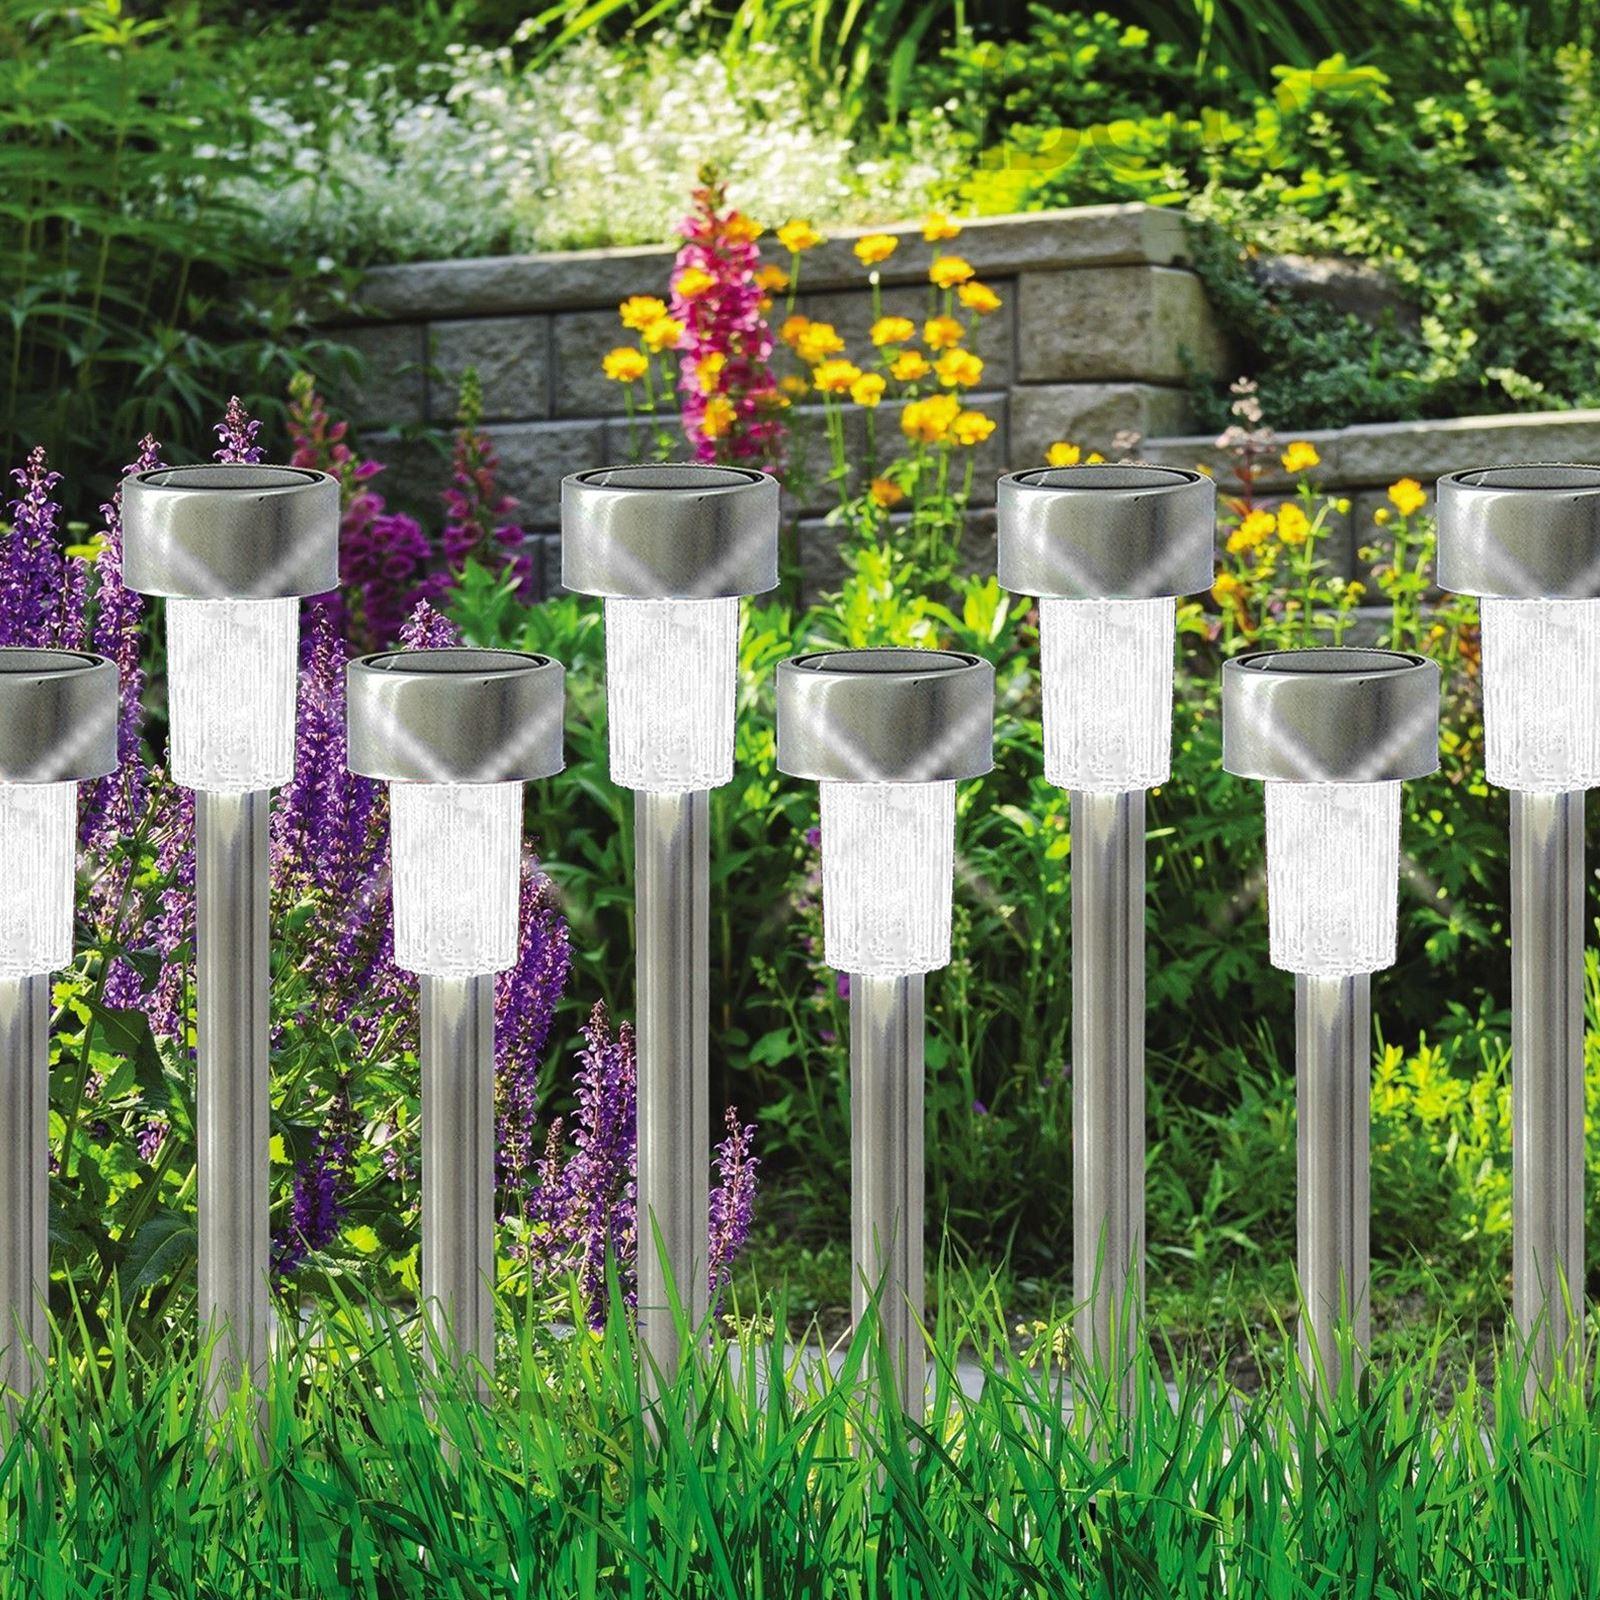 ASAB-10-x-a-energie-solaire-en-acier-inoxydable-jardin-poste-lumieres-DEL-eclairage-exterieur miniature 21